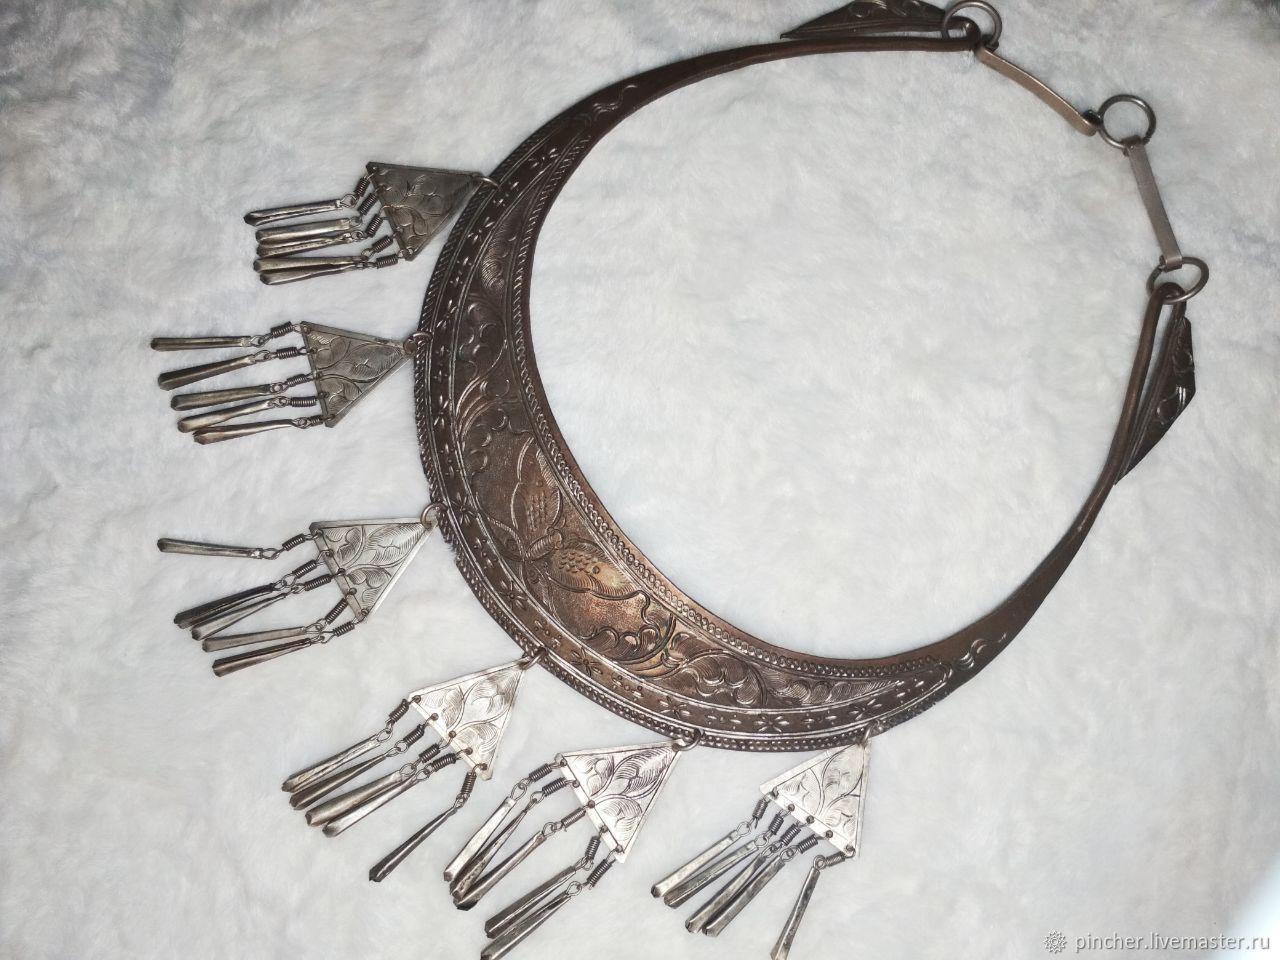 Hryvnia early 19th century, Vintage necklace, Volgograd,  Фото №1